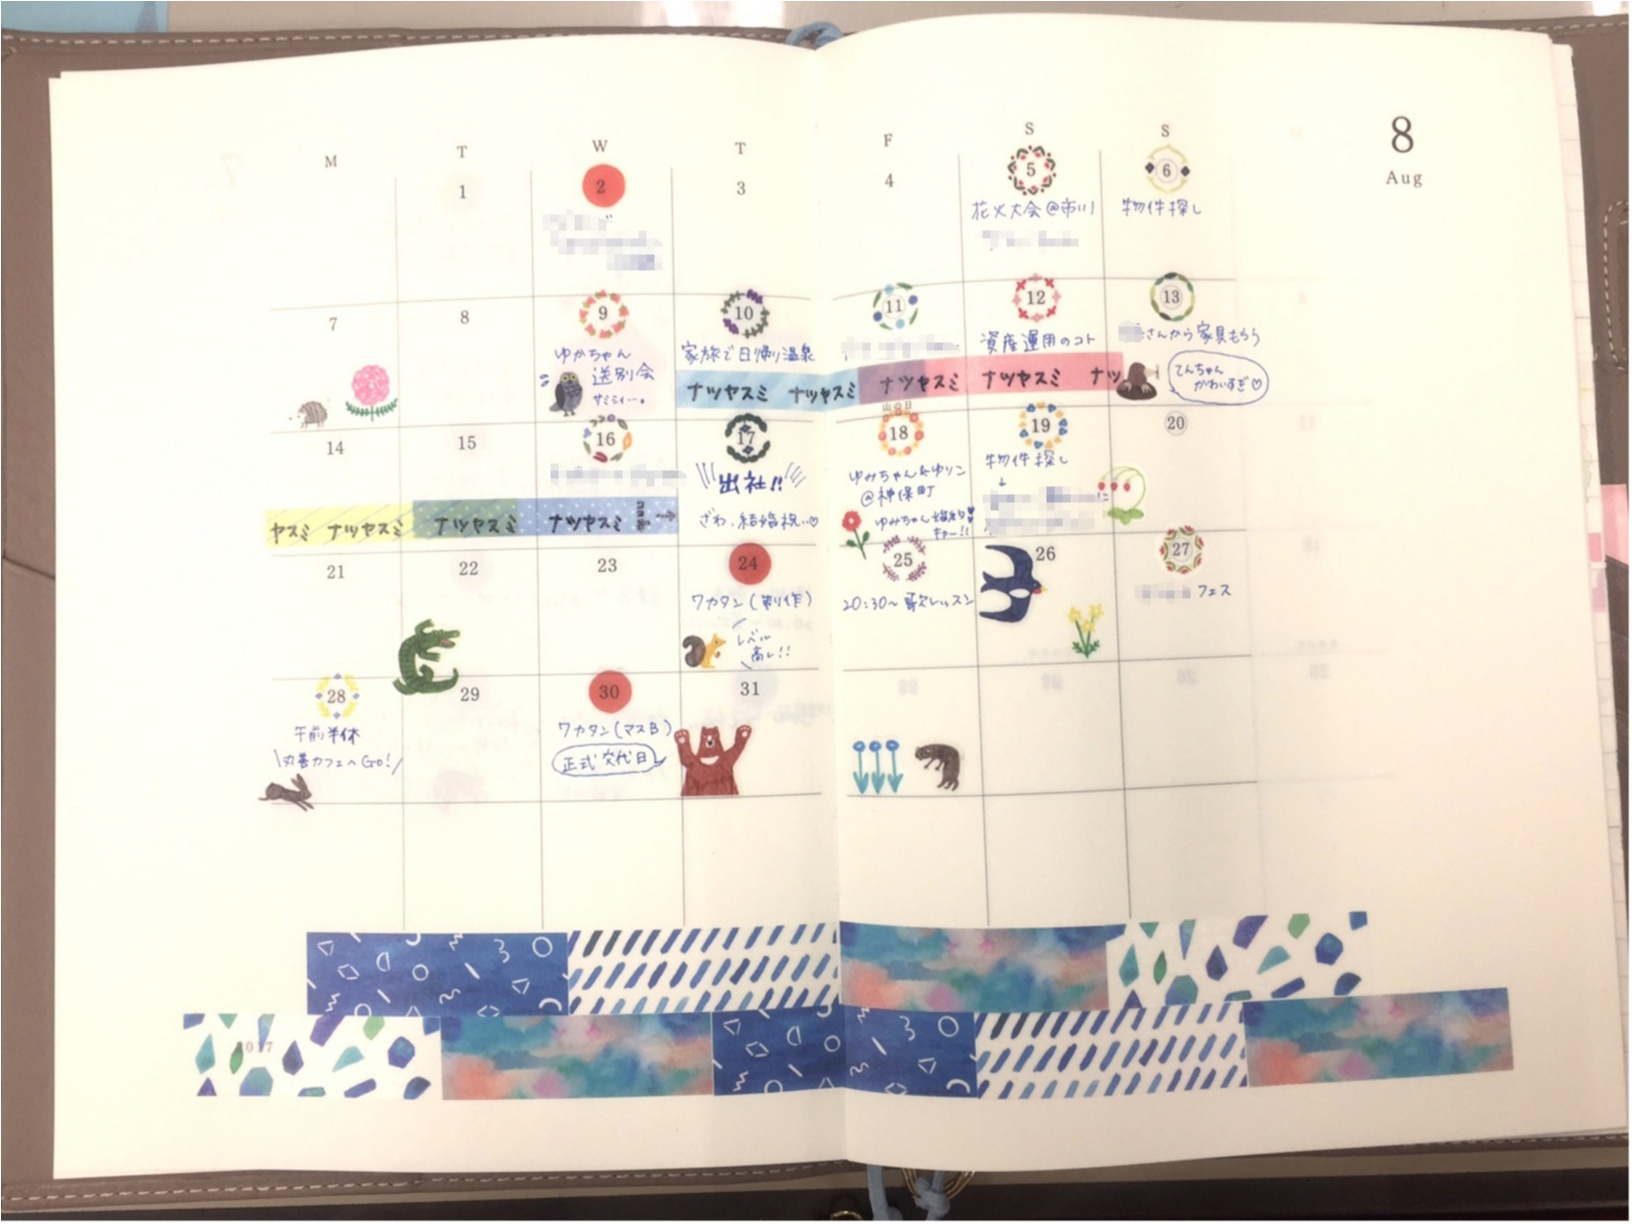 2018年の手帳はかわいくしたい! ライターみかりんが『キングジム』のダイアリーシールで手帳をデコってみた♡_3